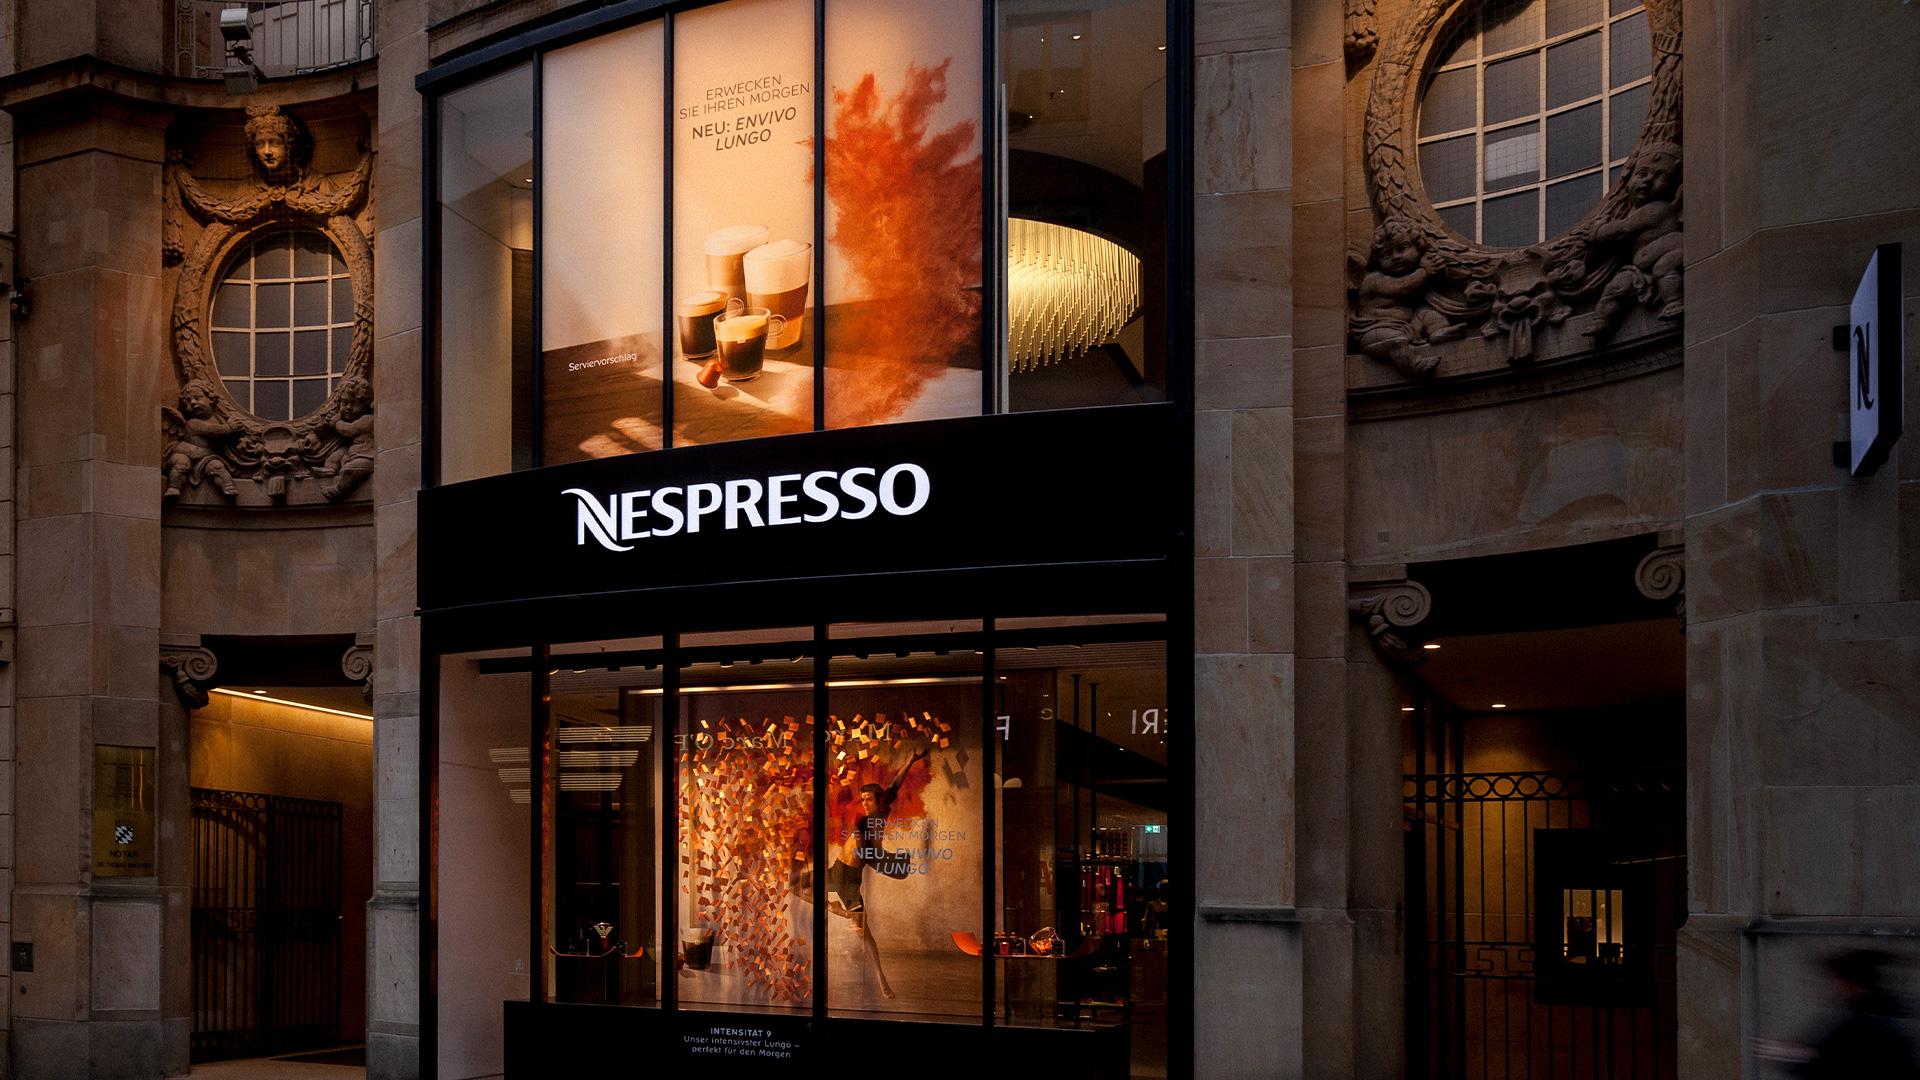 LIGANOVA | Nespresso | POS Campaign – Envivo Lungo